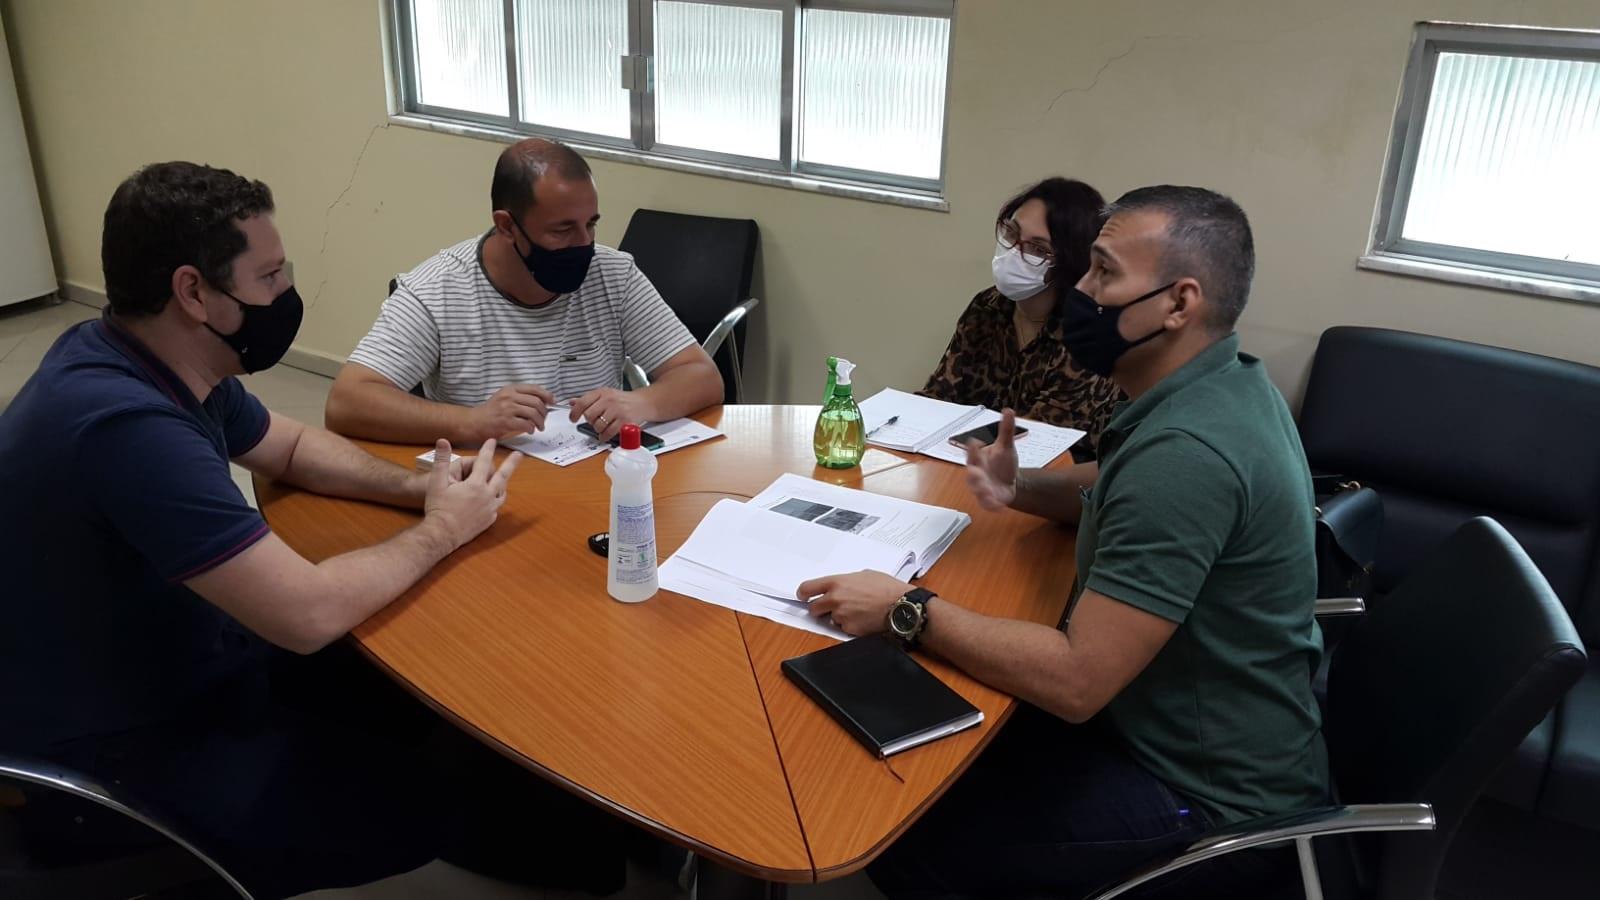 Uma reunião técnica nesse sentido ocorreu na última sexta-feira (17), entre os gestores das pastas